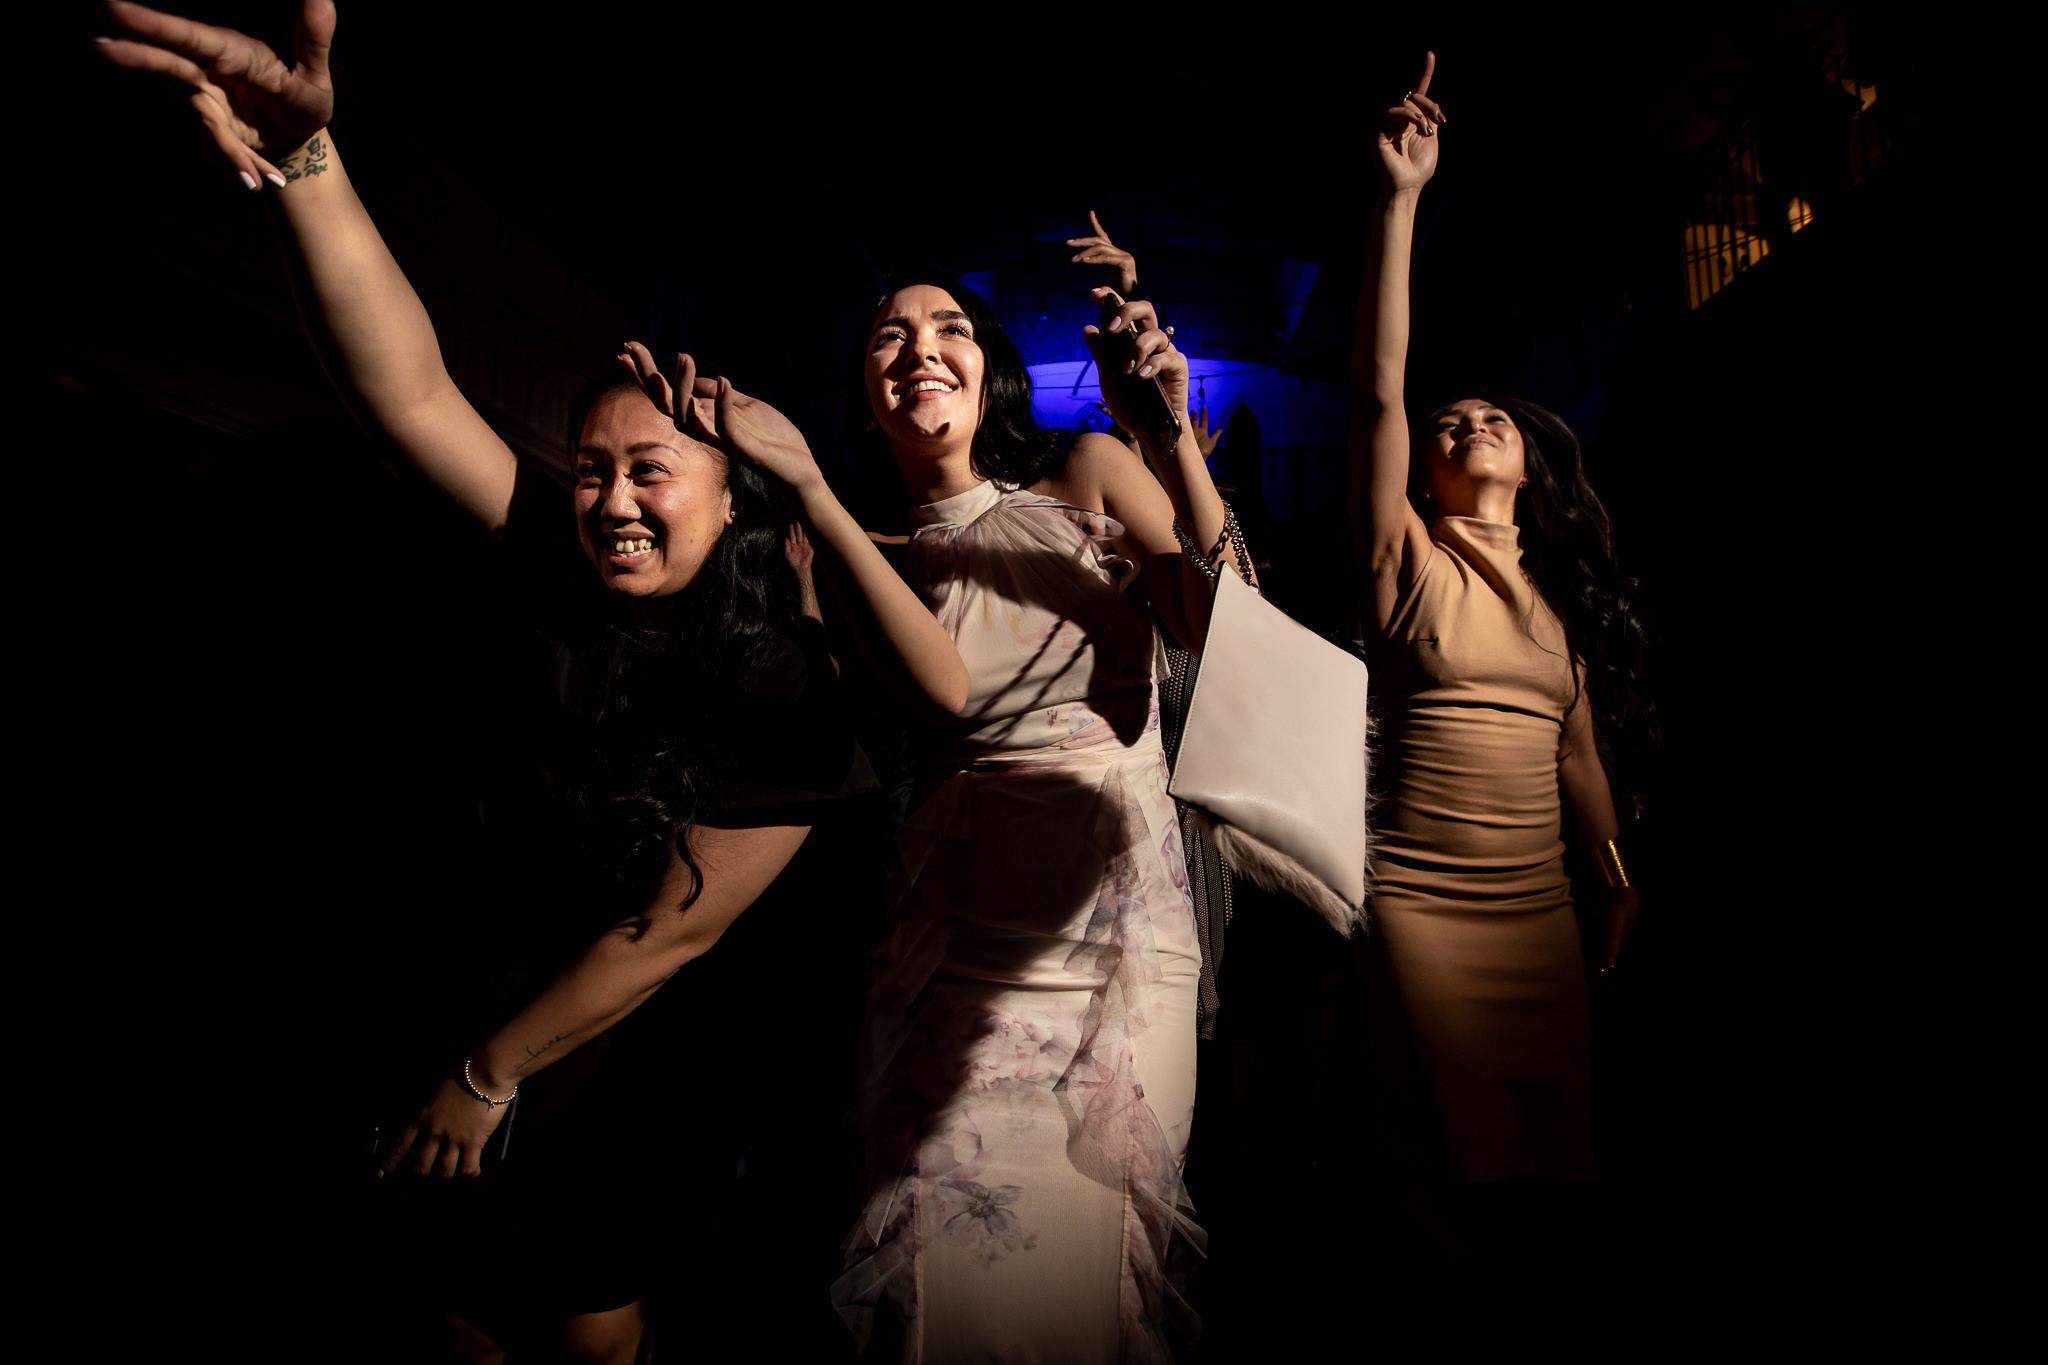 berkeley-wedding-photos-83.jpg